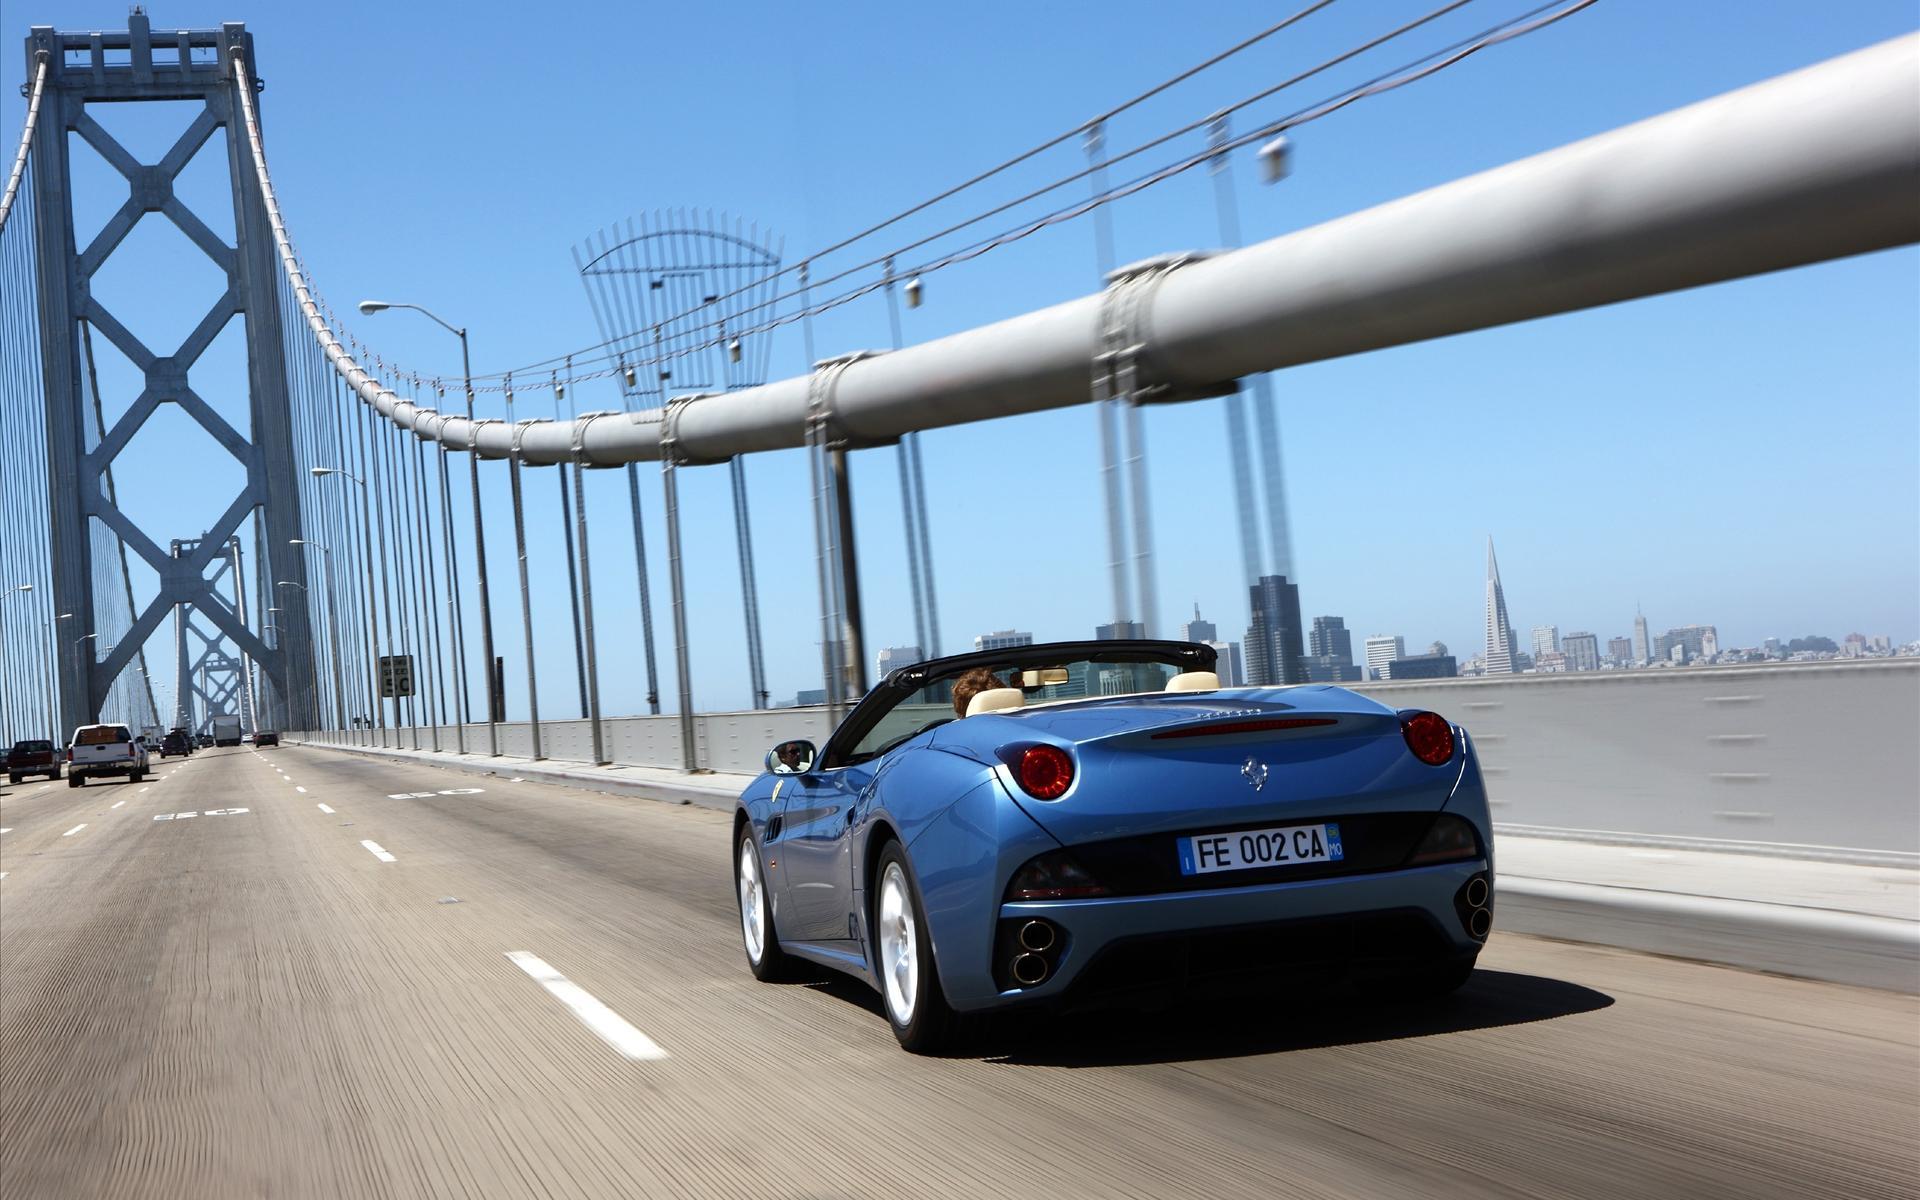 постели картинки машина едет по мосту полтавские куры